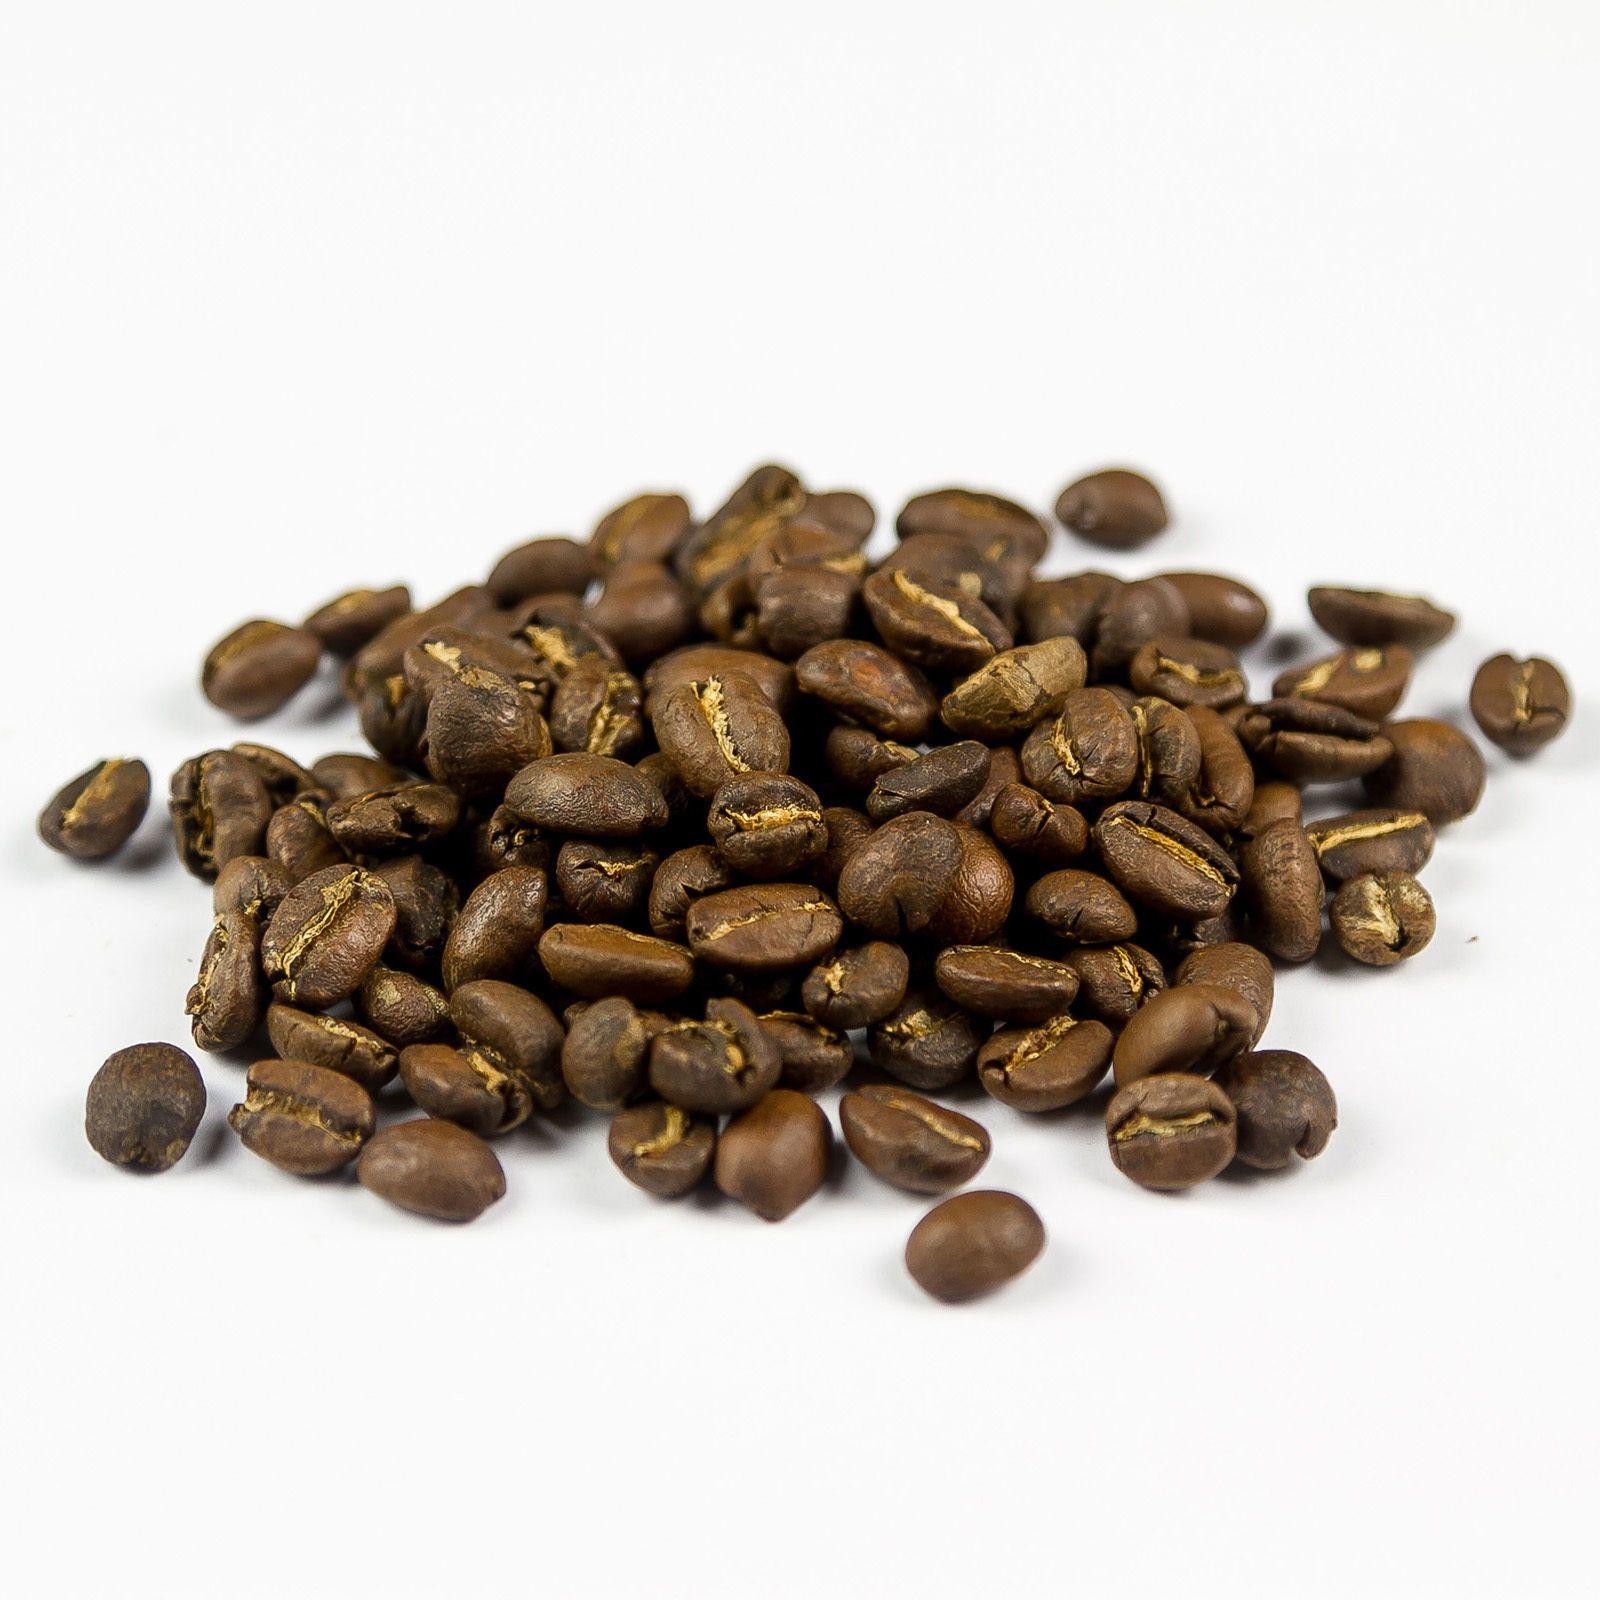 £3.5 GBP Ethiopia Sidamo Medium Freshly Roasted Coffee